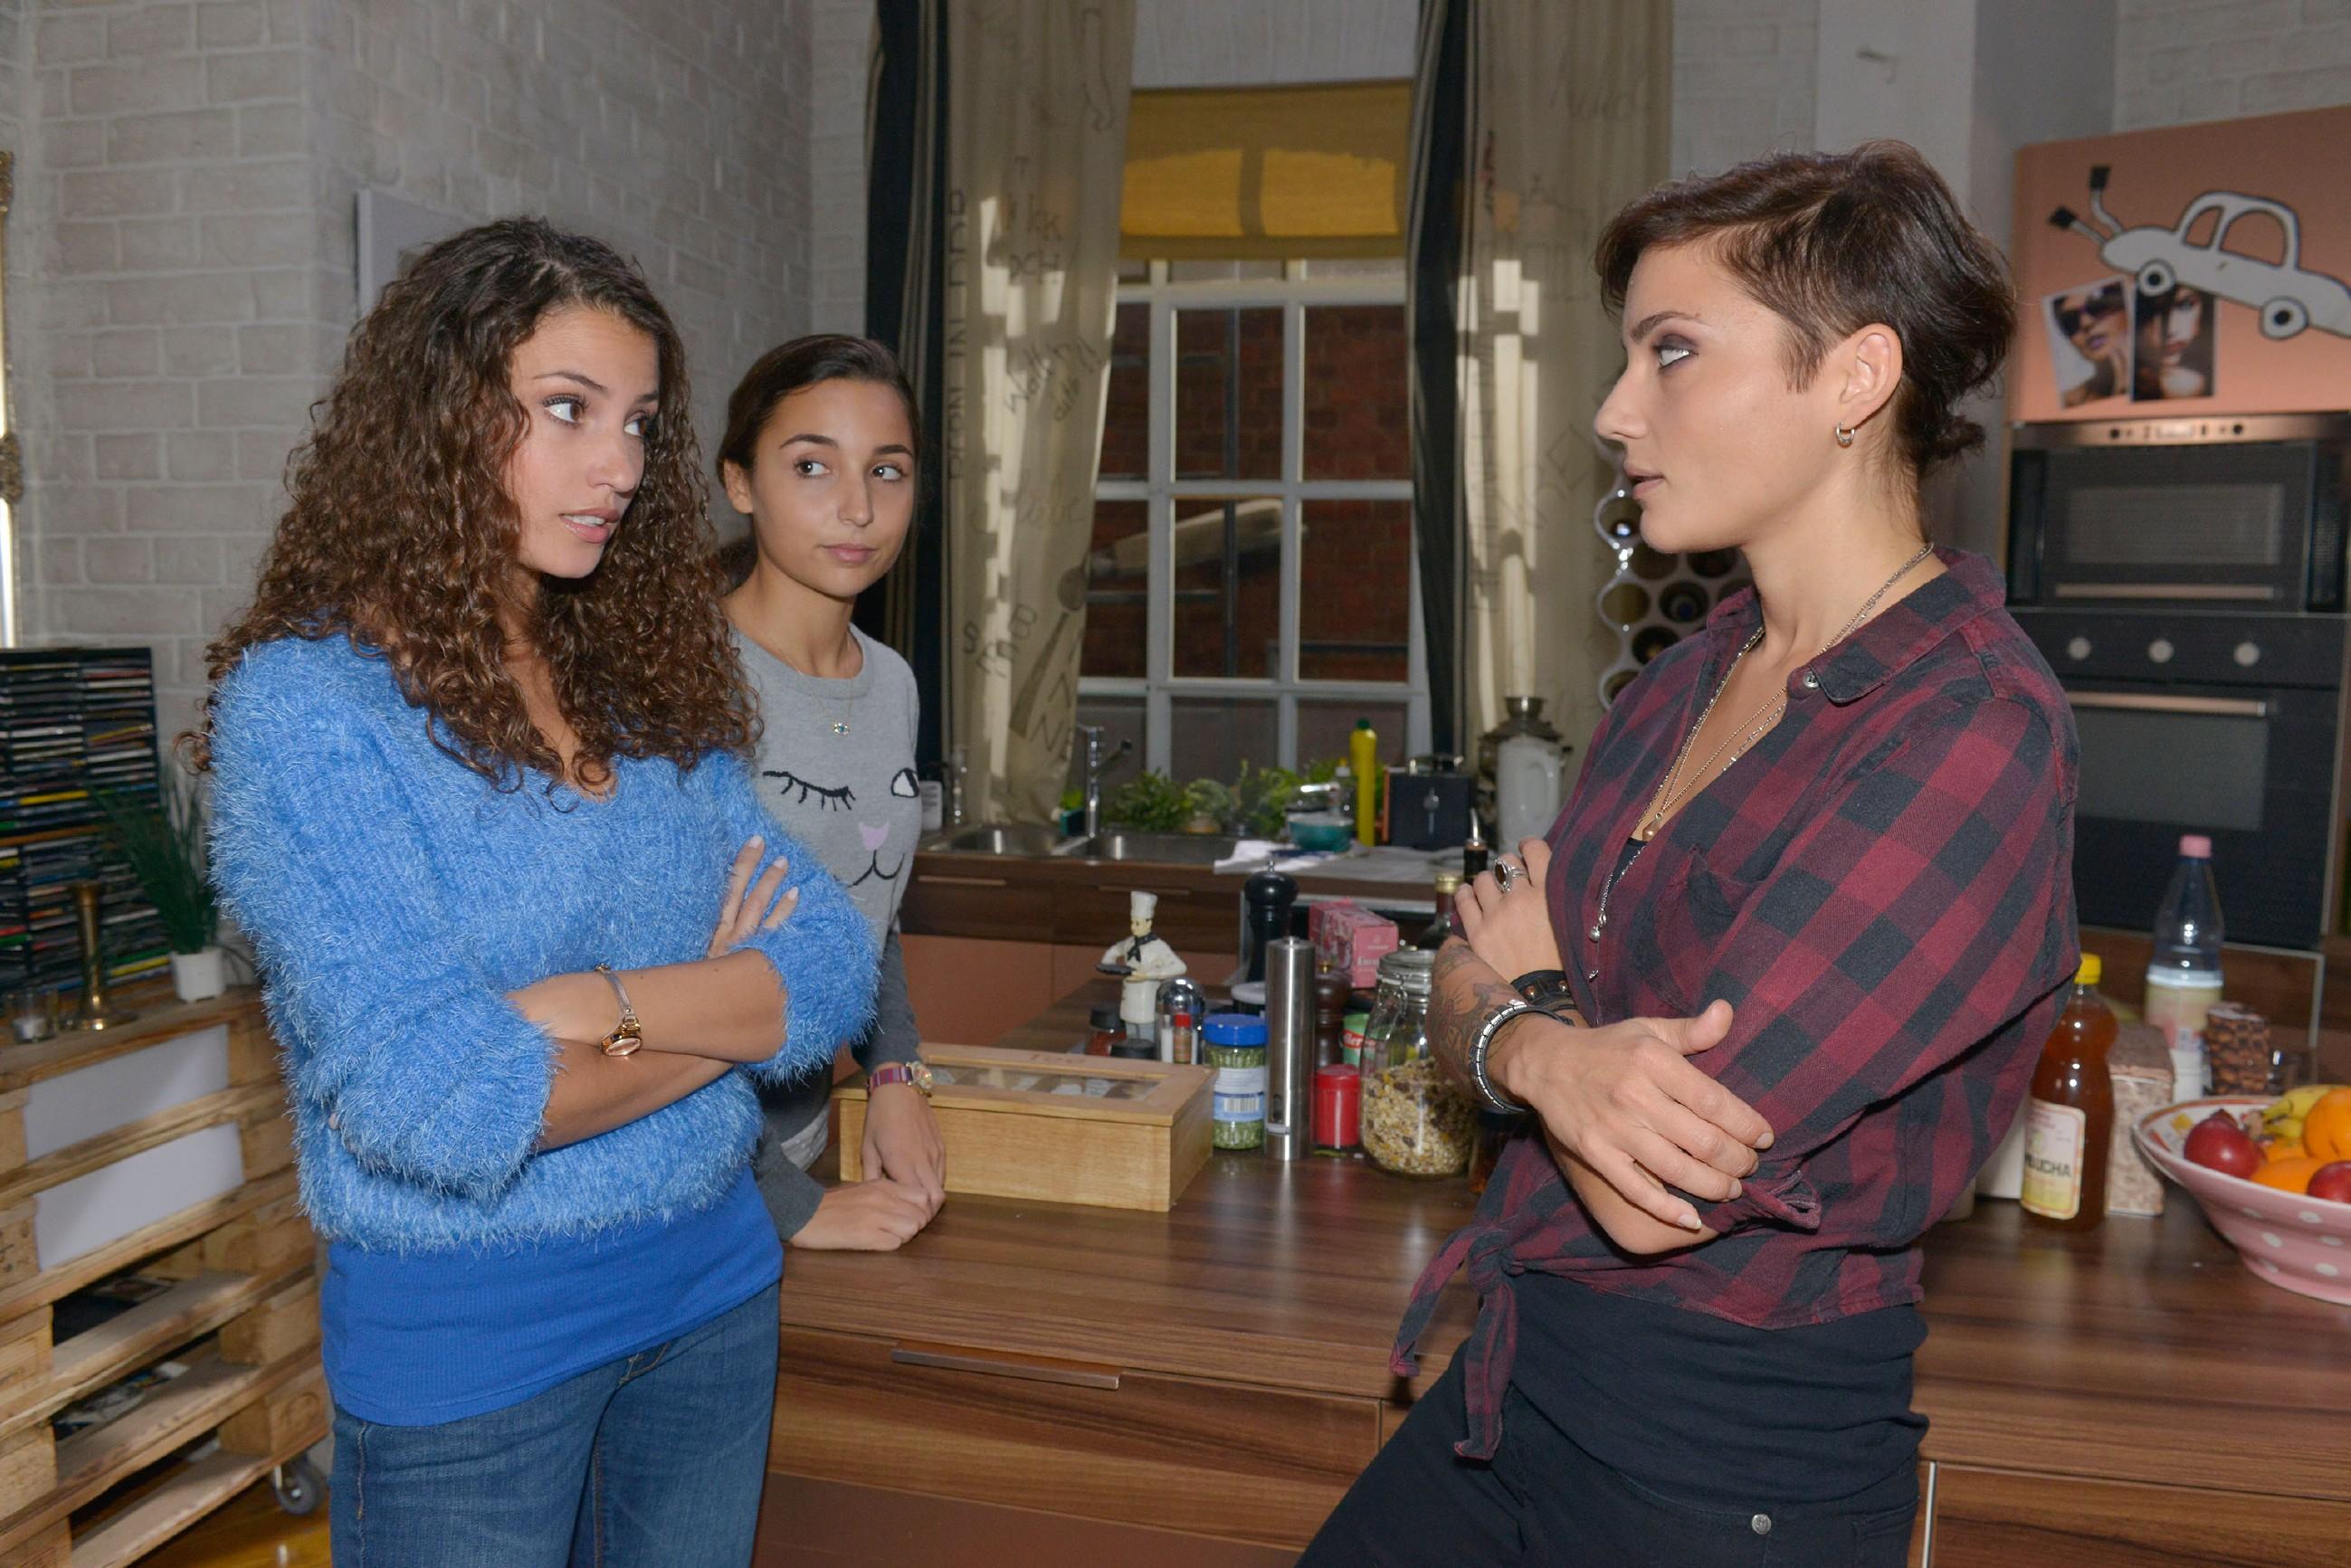 Ayla (Nadine Menz, l.) fordert Anni (Linda Marlen Runge, r.) auf, mit hrer kleinen Cousine Selma (Rona Özkan) rücksichtsvoller umzugehen. (Quelle: RTL / Rolf Baumgartner)